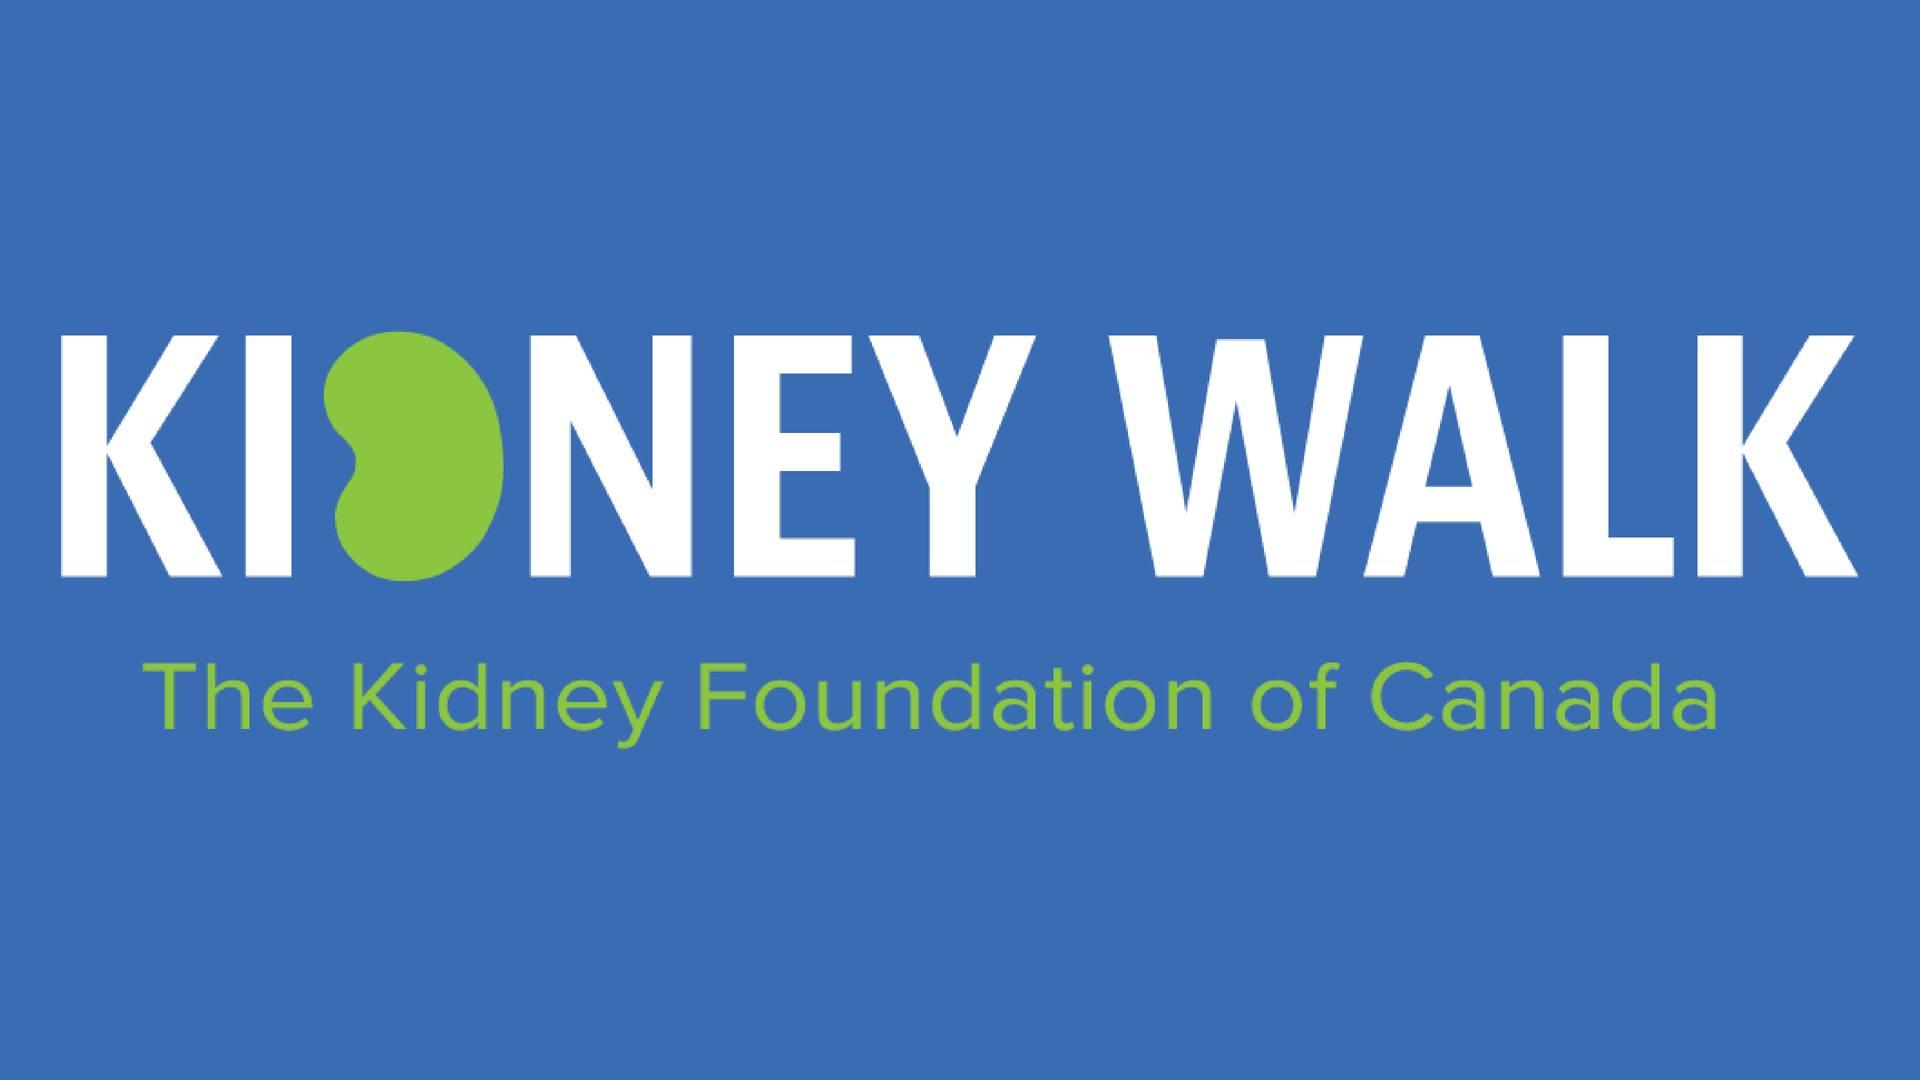 Kidney Walk @ Hardy Park, Brockville | Brockville | Ontario | Canada